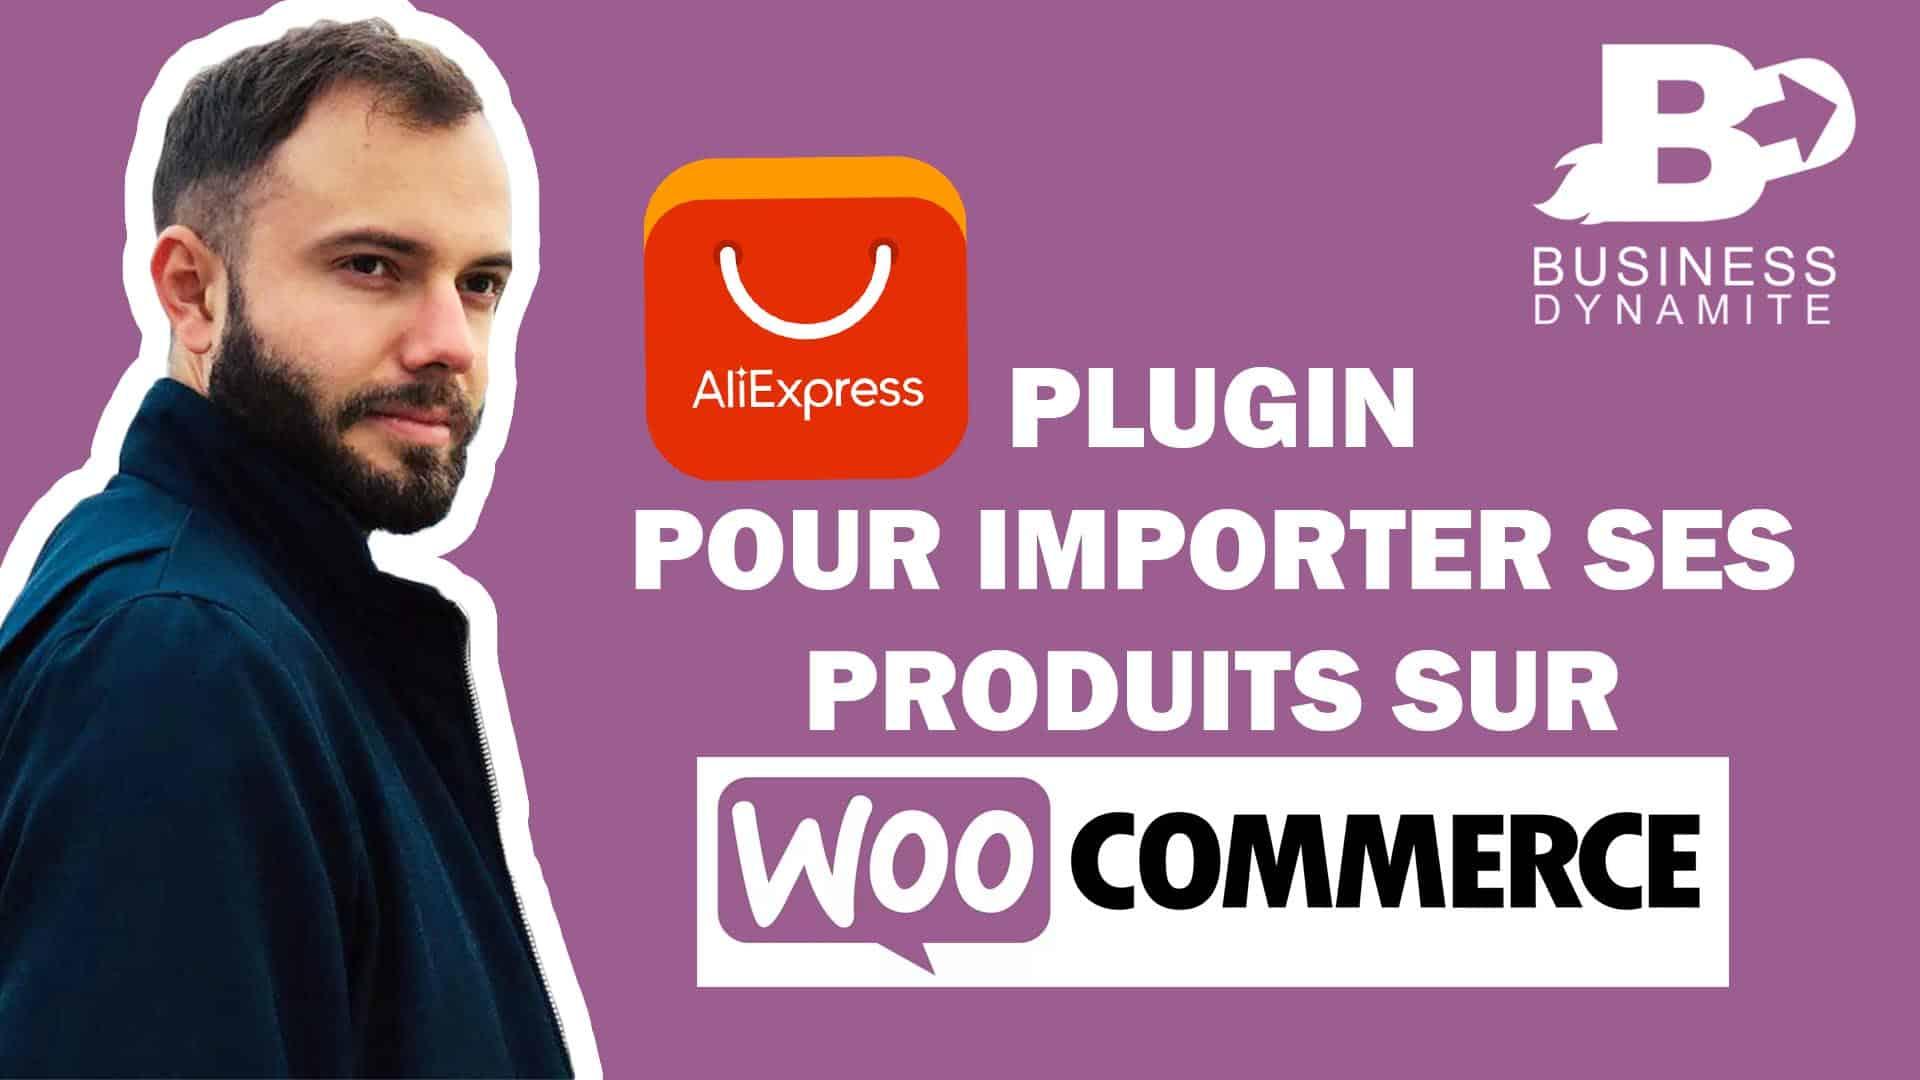 Plugin aliexpress sur wordpress et woocommerce pour importer les produits